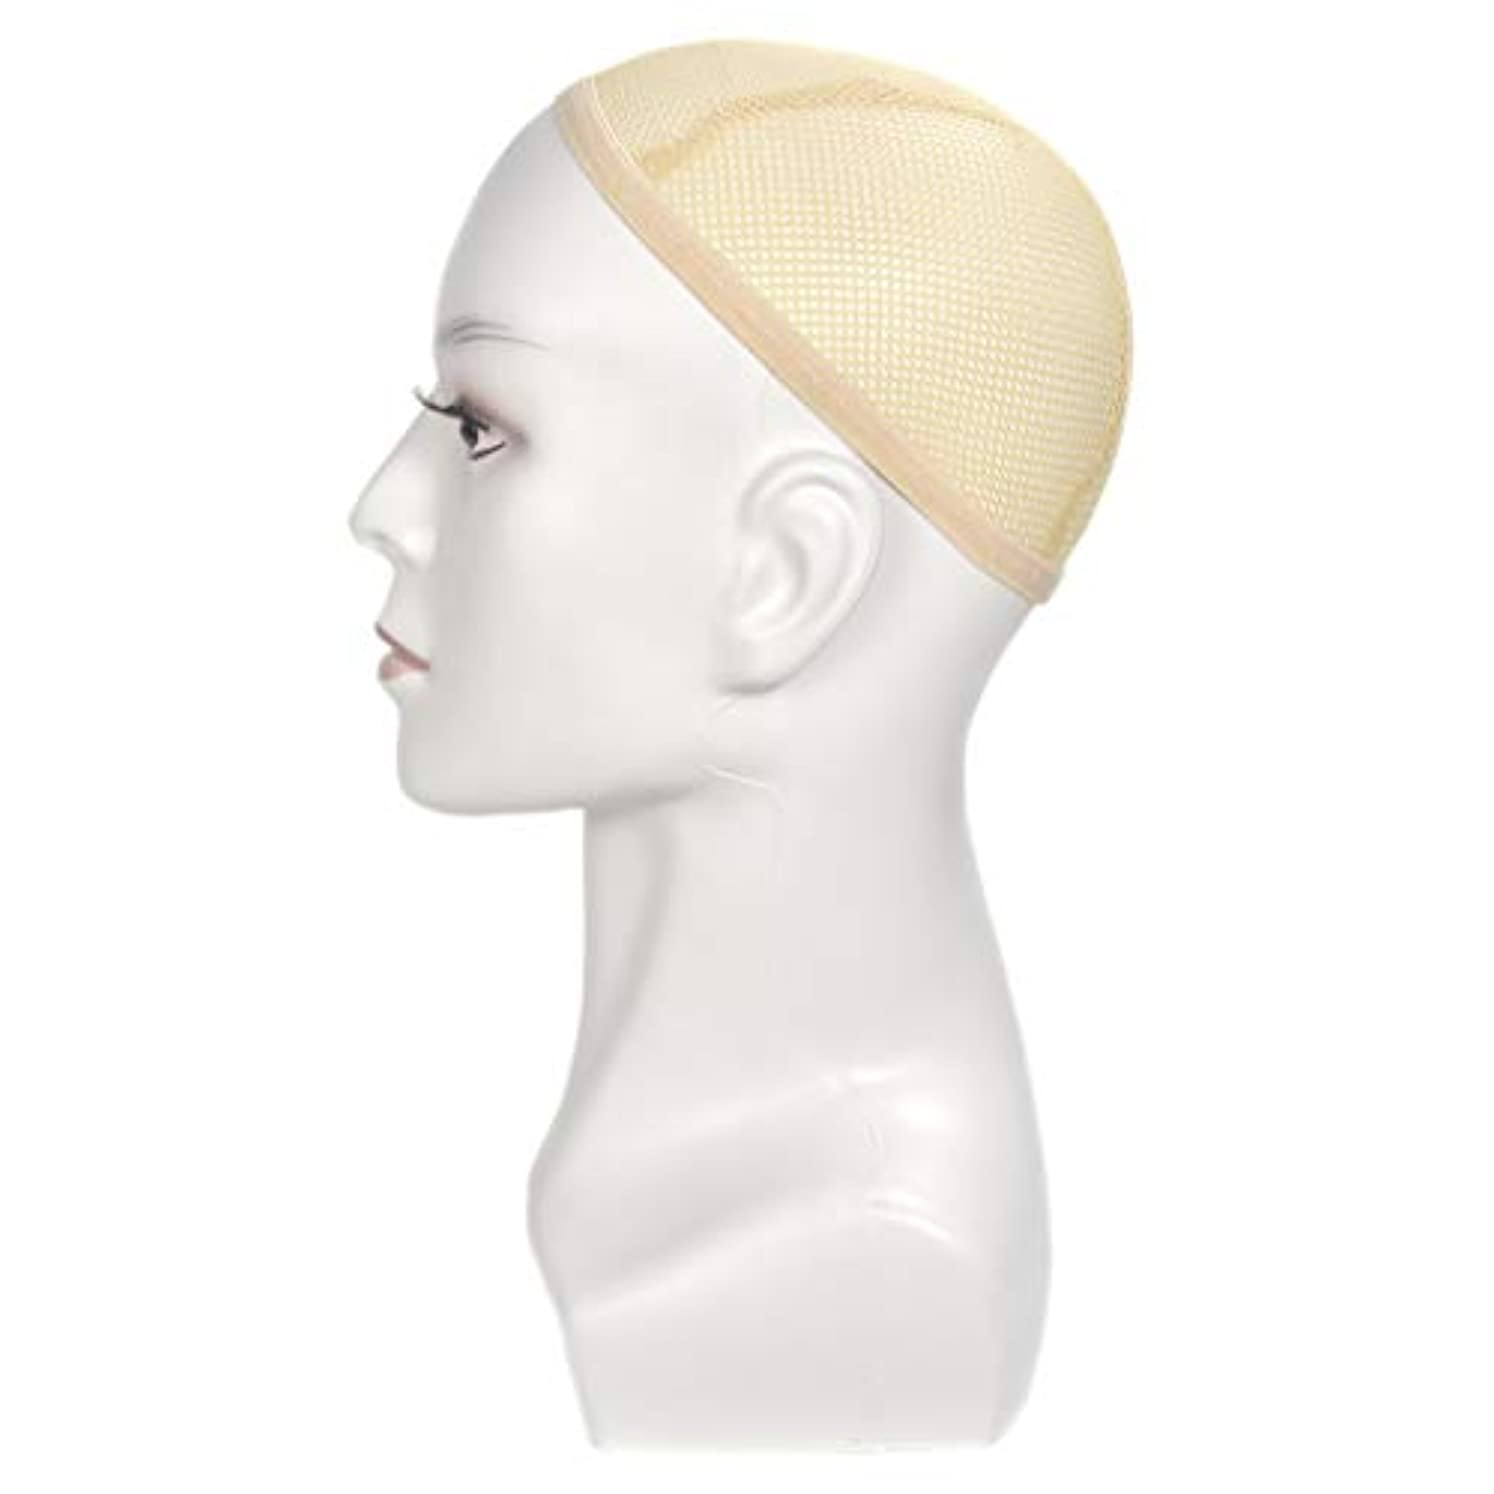 ヶ月目戻るうまマネキンヘッド ディスプレイ メイクトレーニング 化粧 美容 店舗 自宅 サロン 全2色 - 白